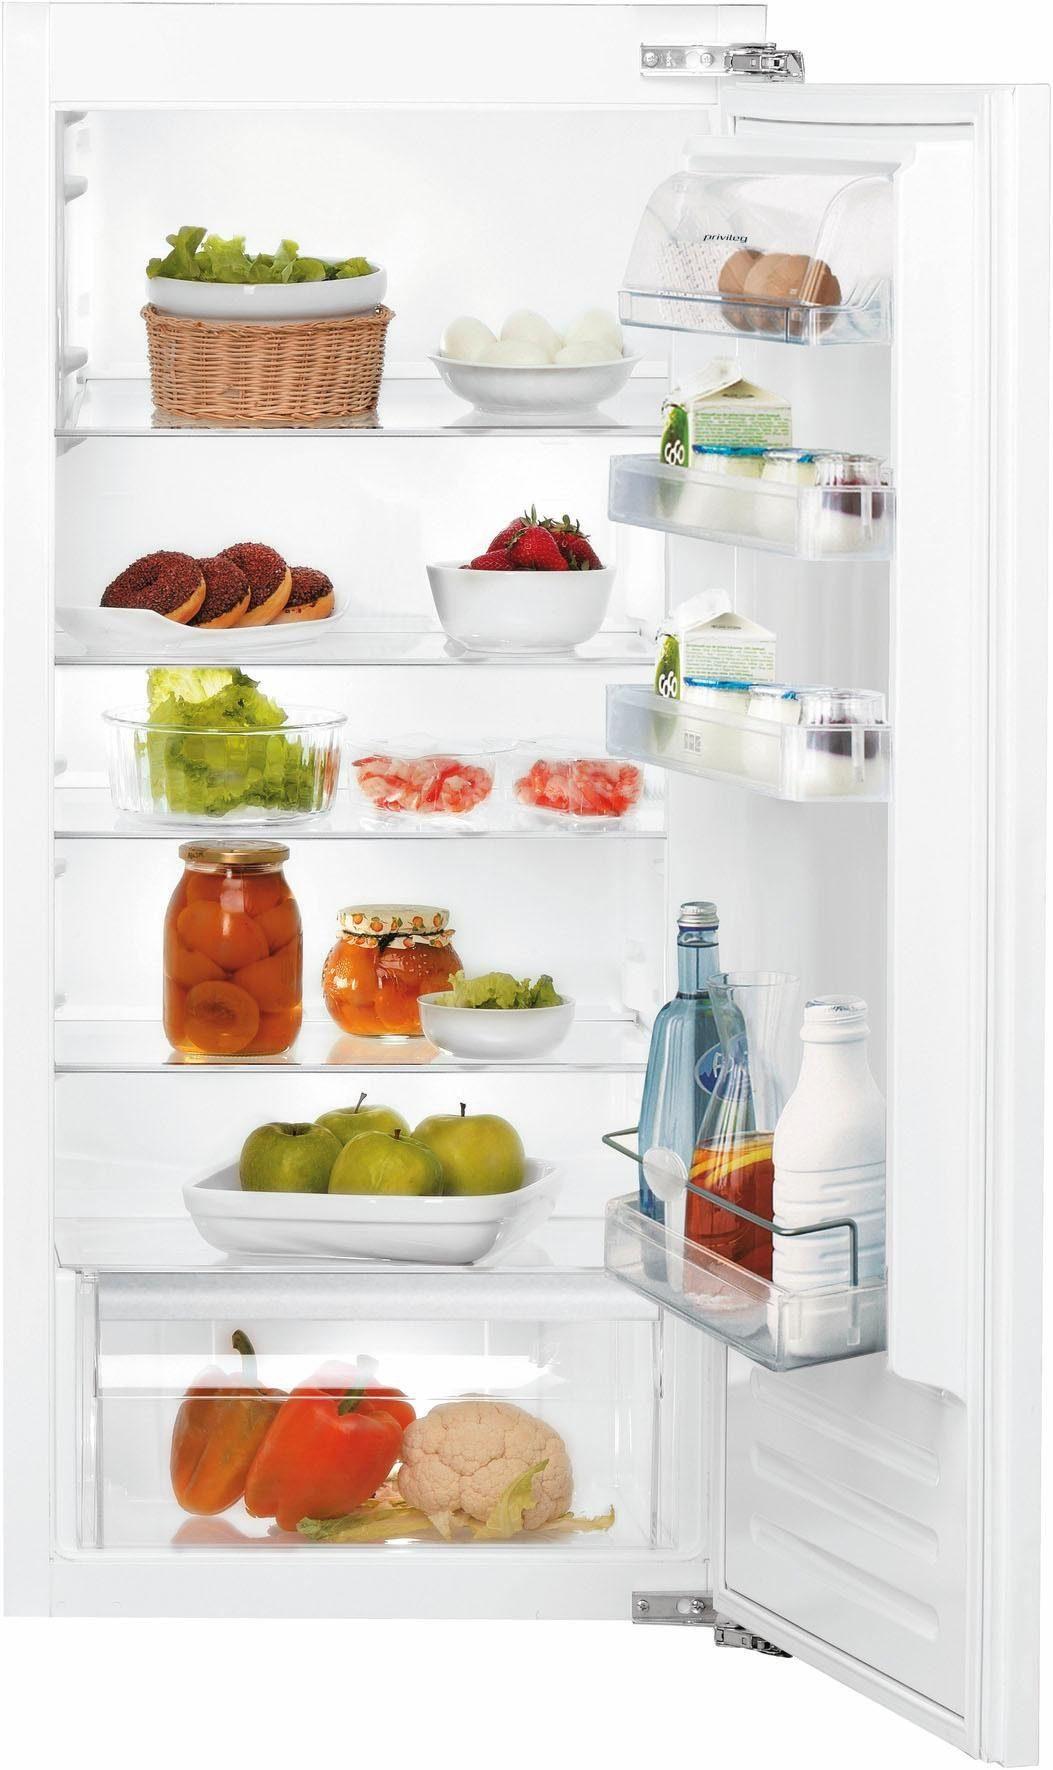 Privileg integrierbarer Einbaukühlschrank PRCI 225 A++, 122 cm hoch